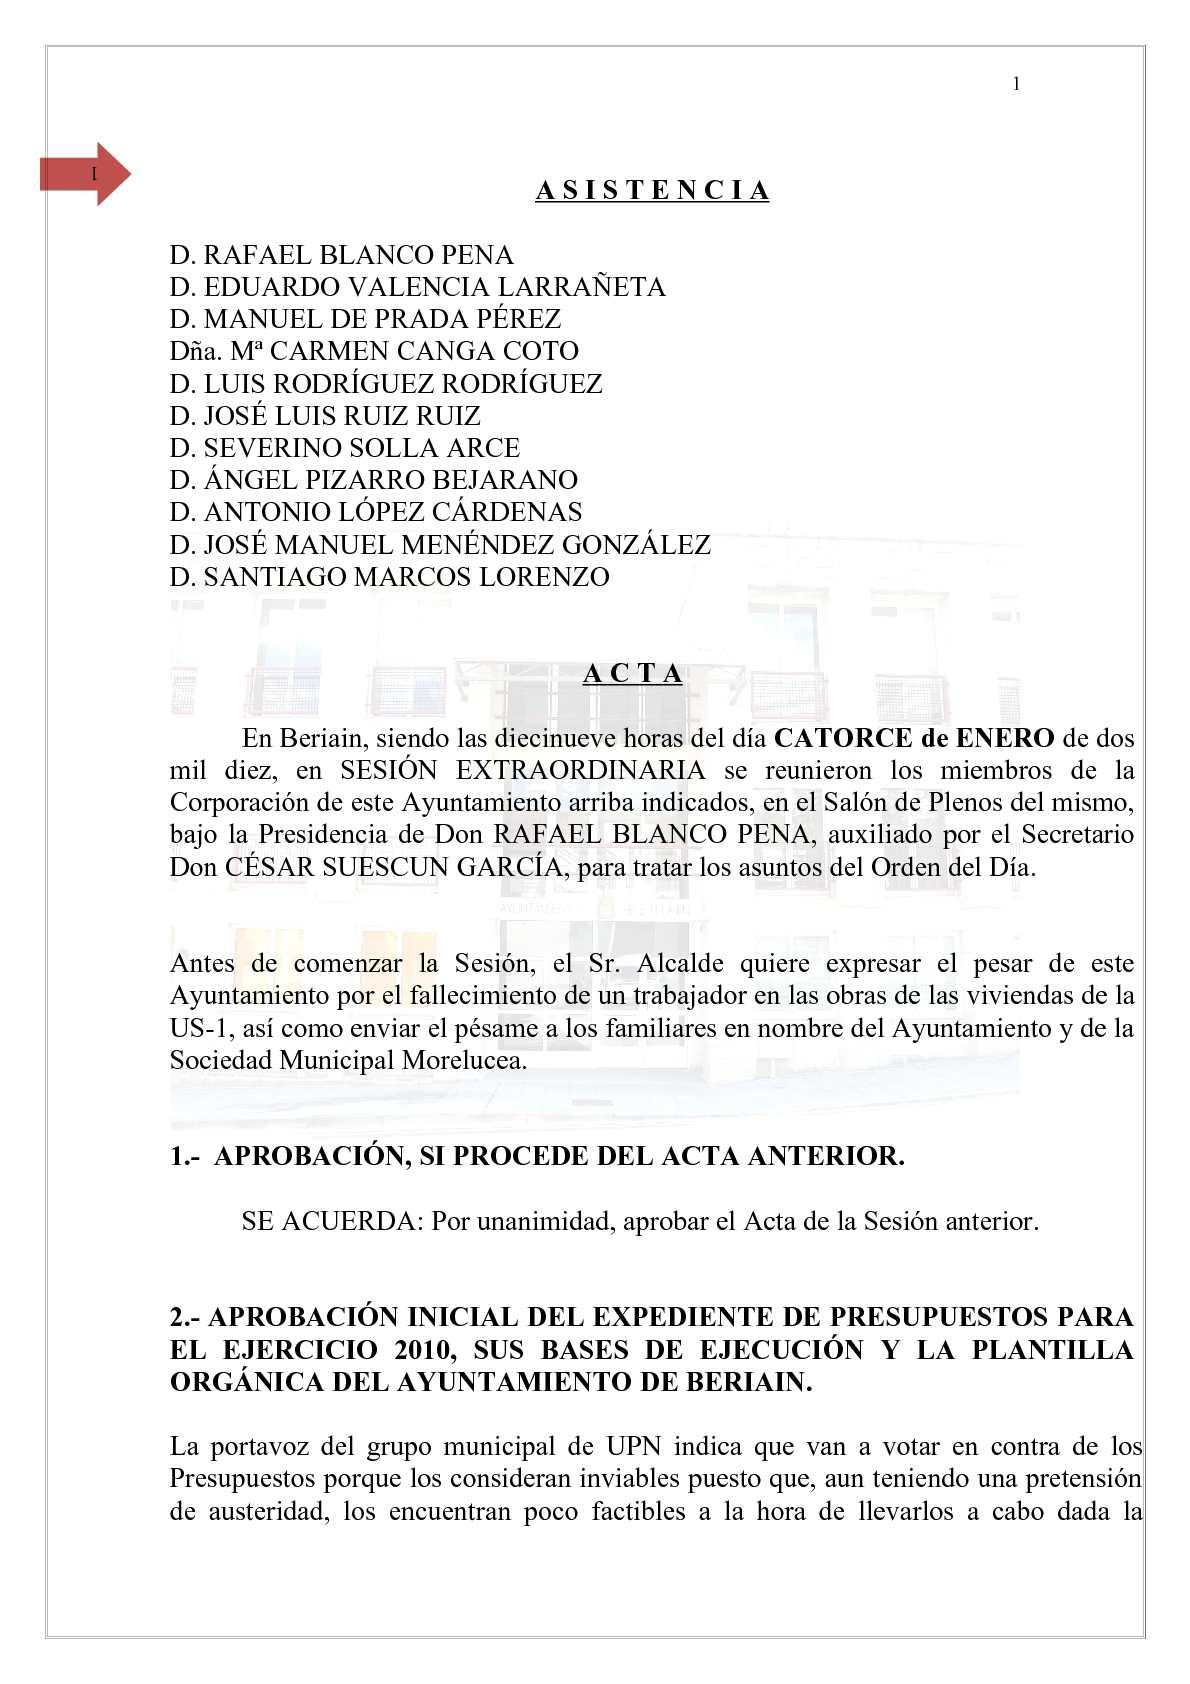 Calaméo - Acta del 14-1-2010